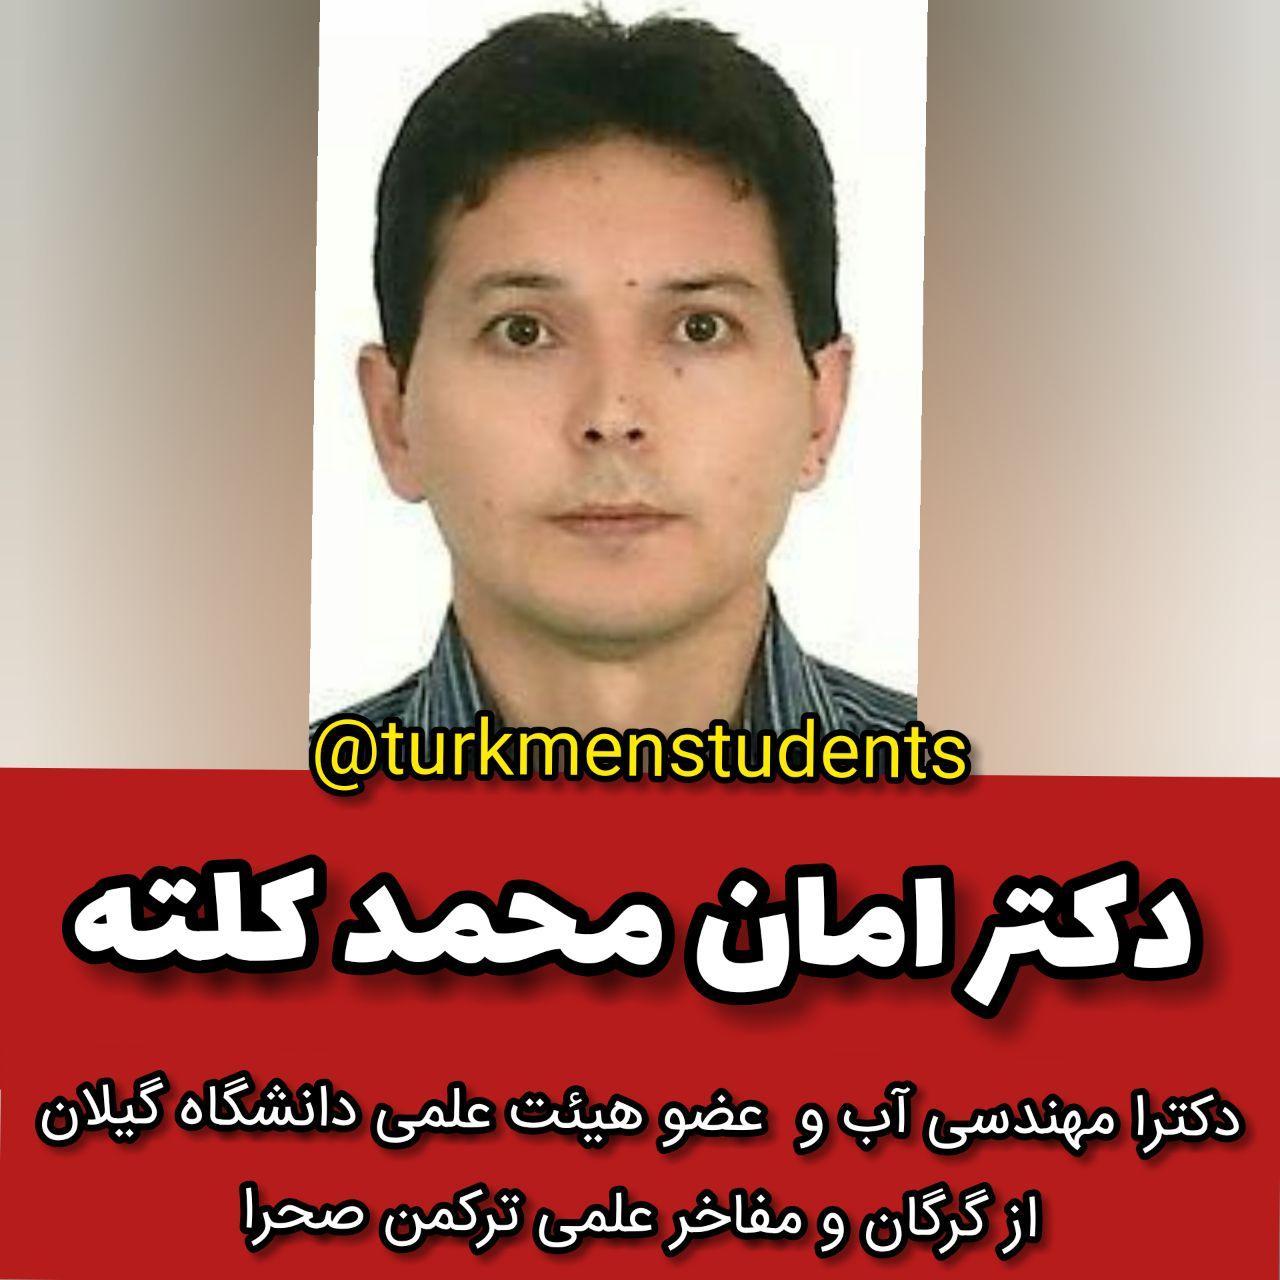 دکتر امان محمد کلته